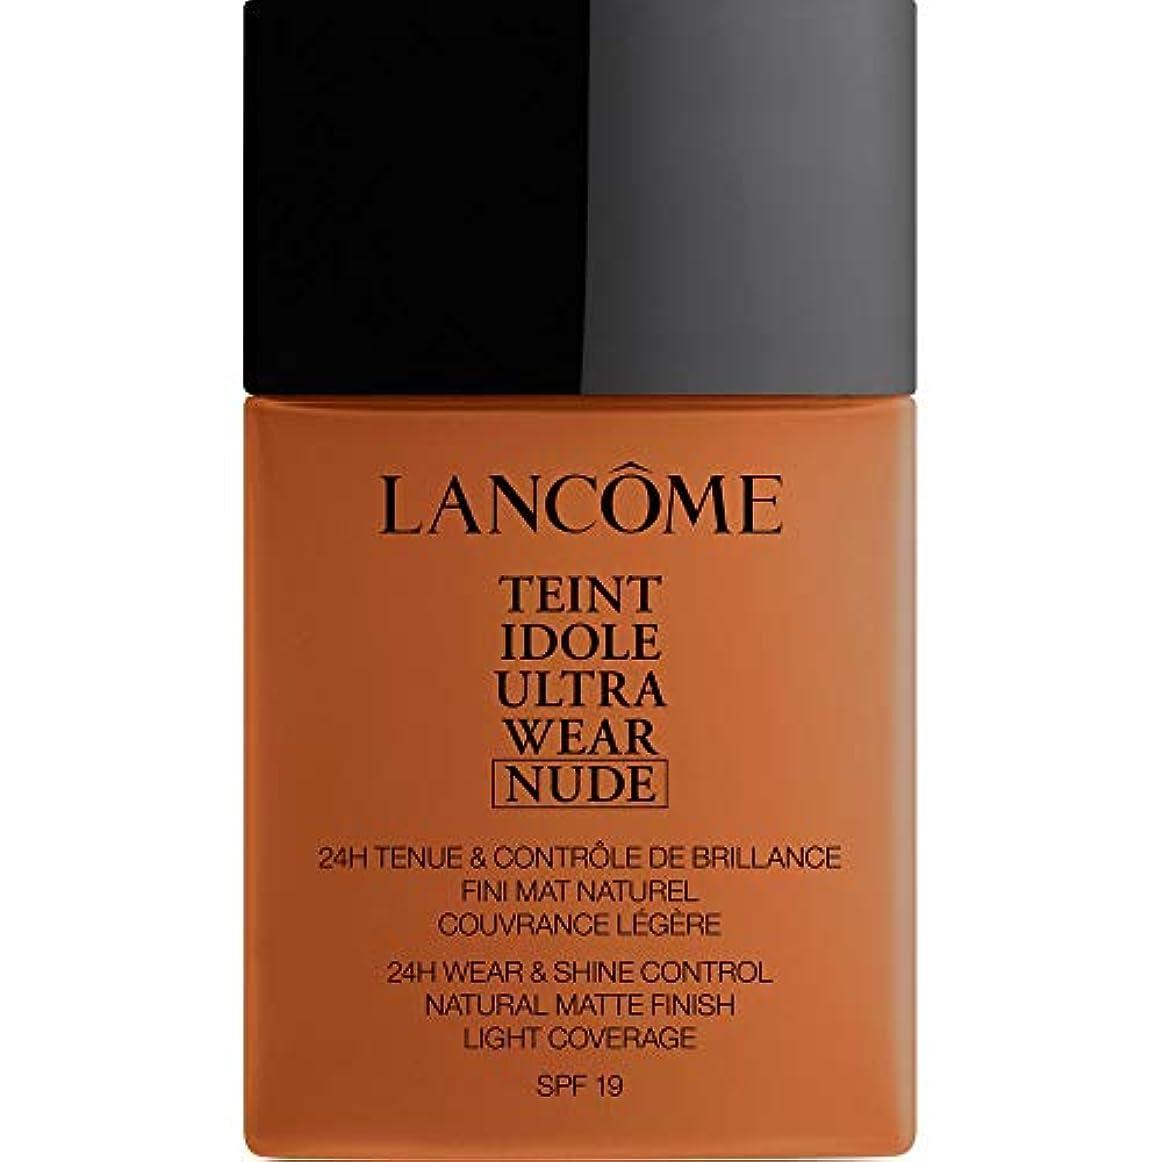 ペグ区別認証[Lanc?me ] アンブレ - ランコムTeintのIdoleは、超ヌード基礎Spf19の40ミリリットル12を着用します - Lancome Teint Idole Ultra Wear Nude Foundation...